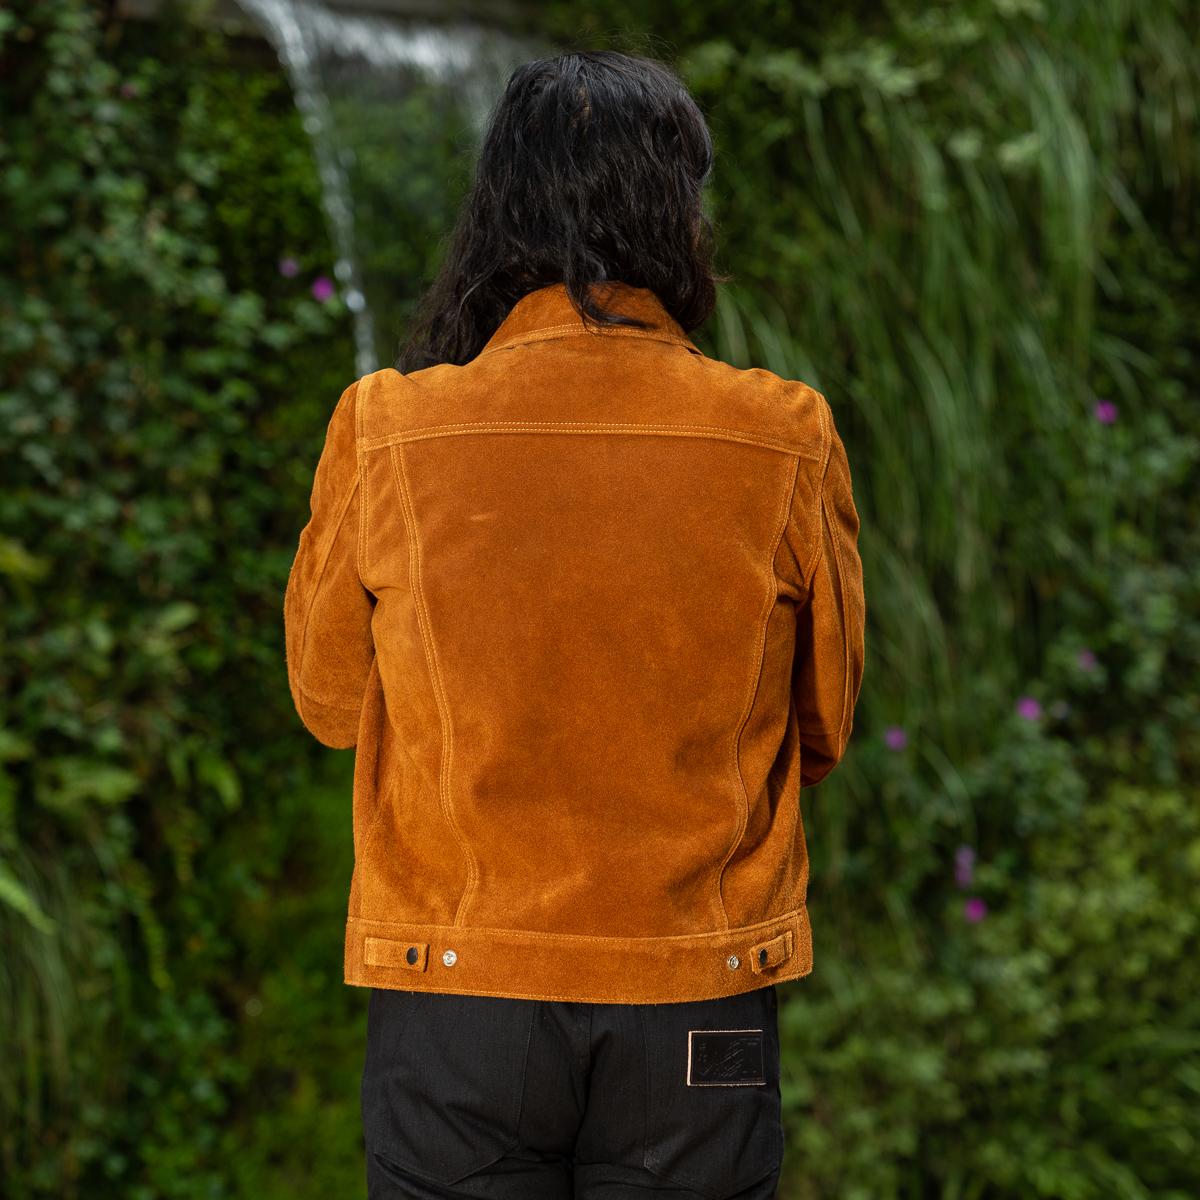 Y'2 Leather - Steer Suede 3rd Type Jacket (TB-139)-Onbody-5760 x 3840-19.jpg